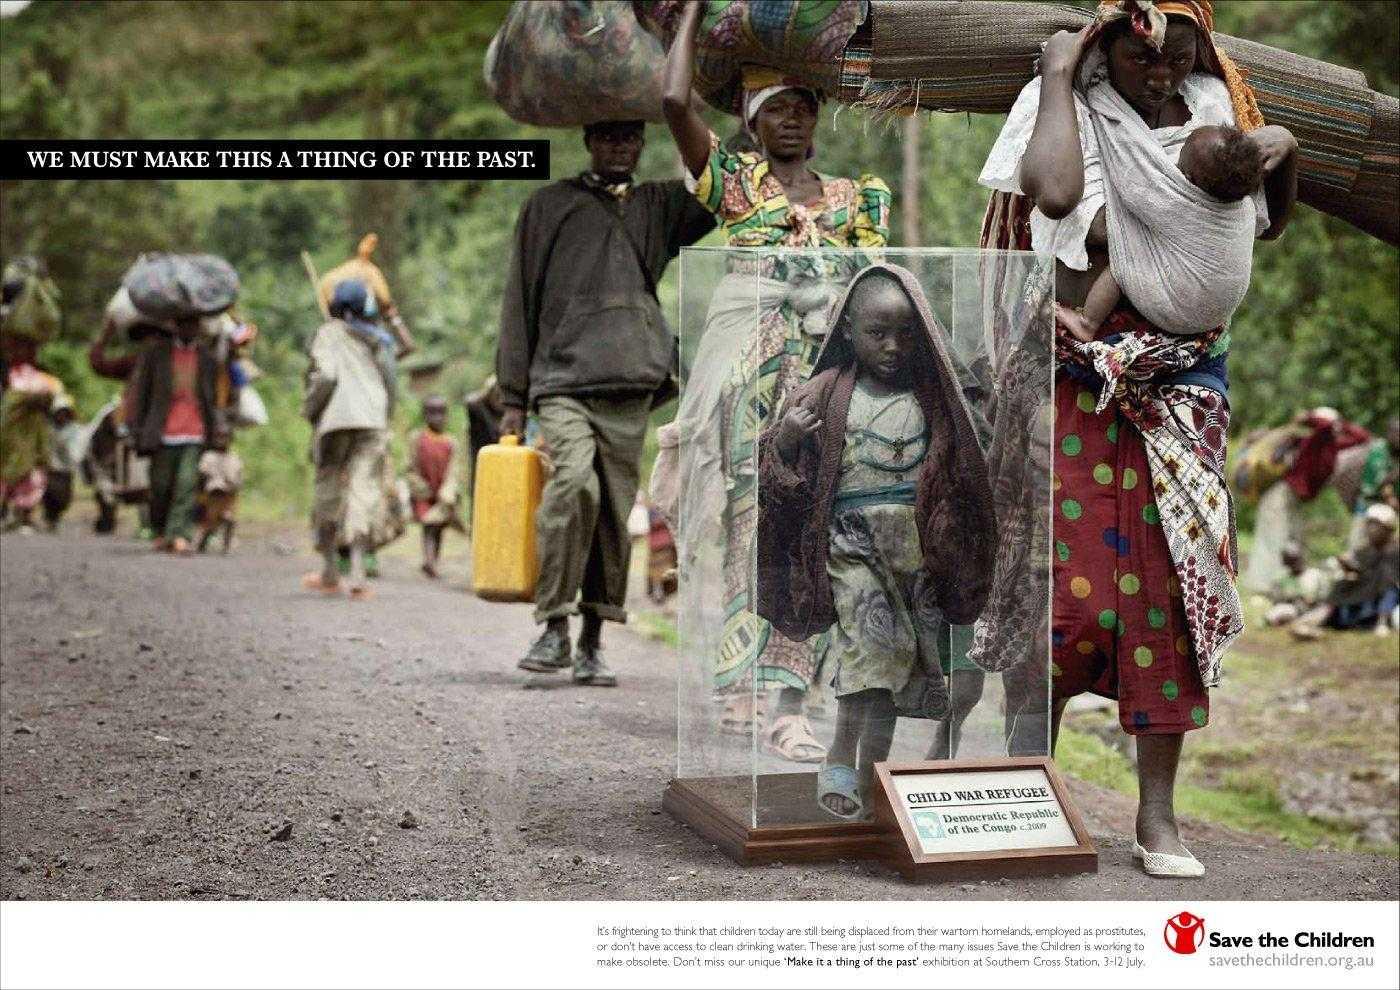 Save the children: Facciamo in modo che questo sia passato